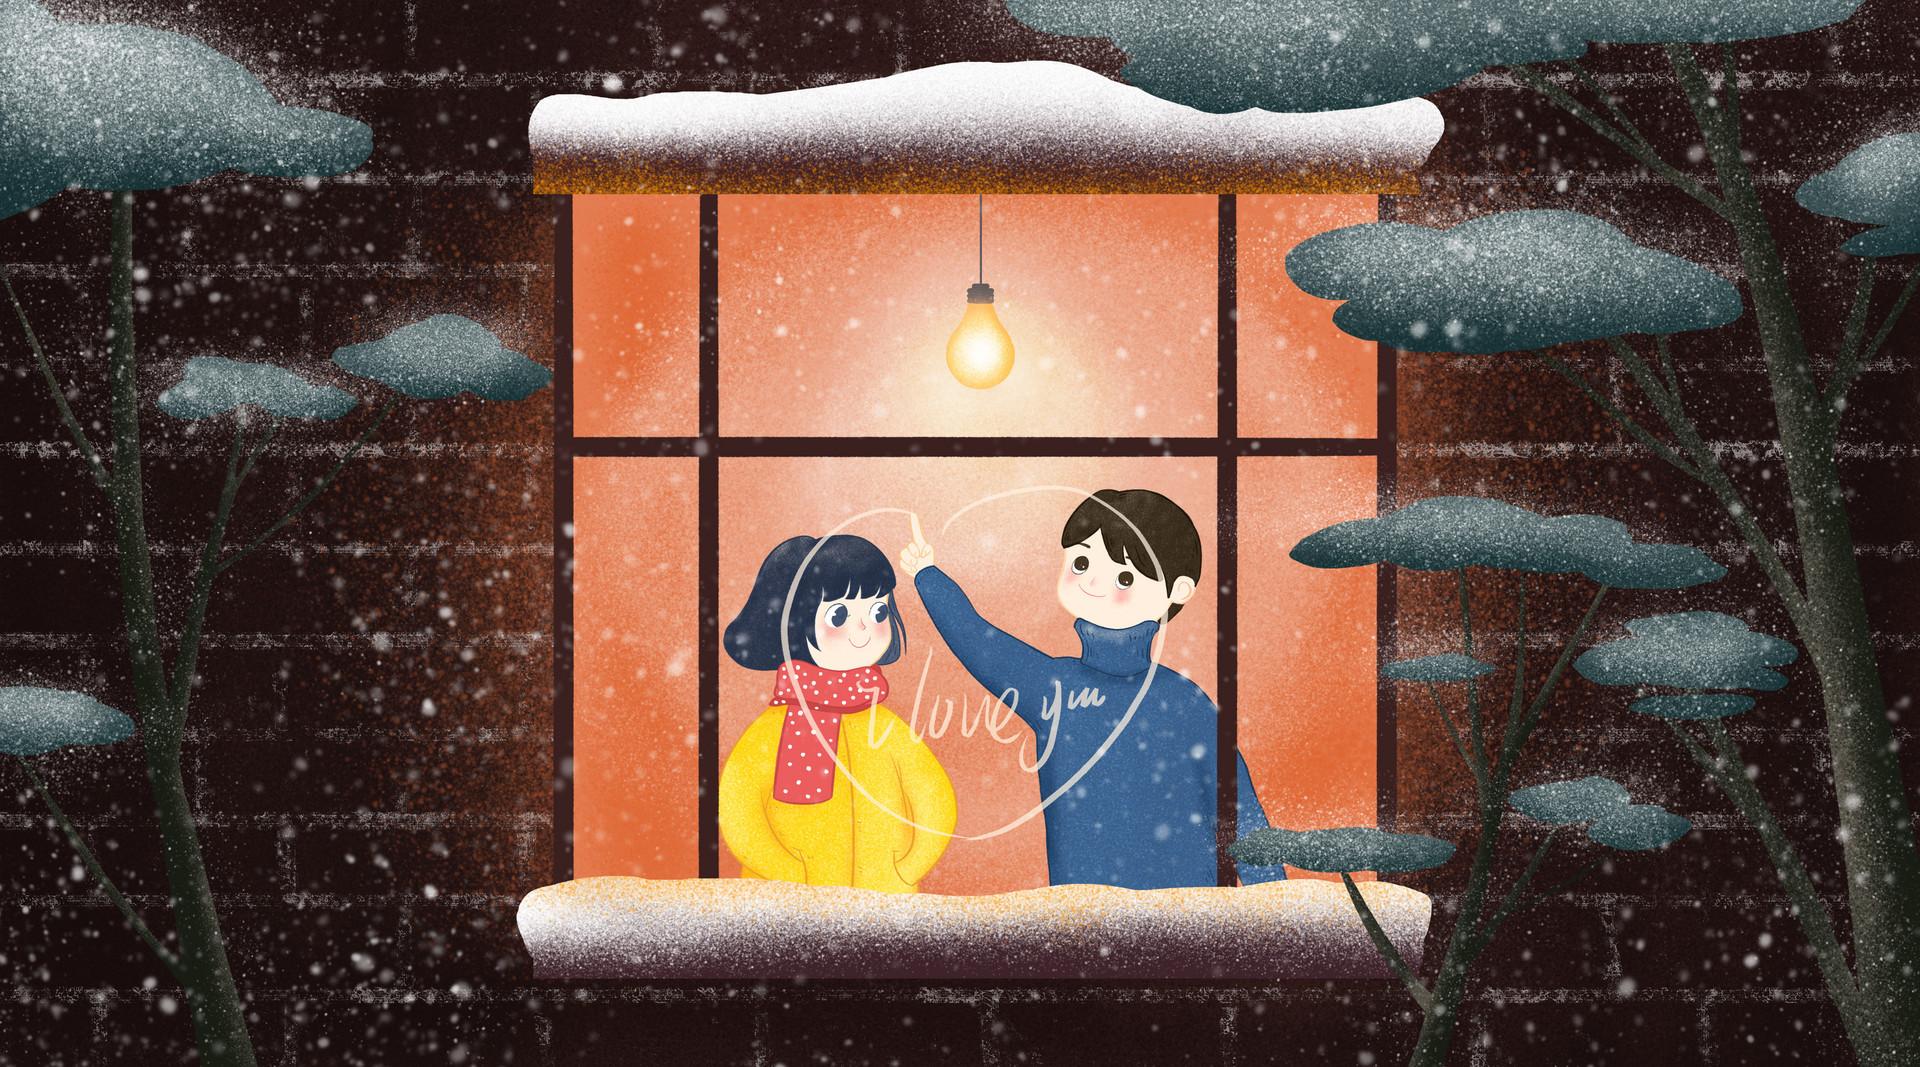 今日小寒注意保暖,预防2种疾病